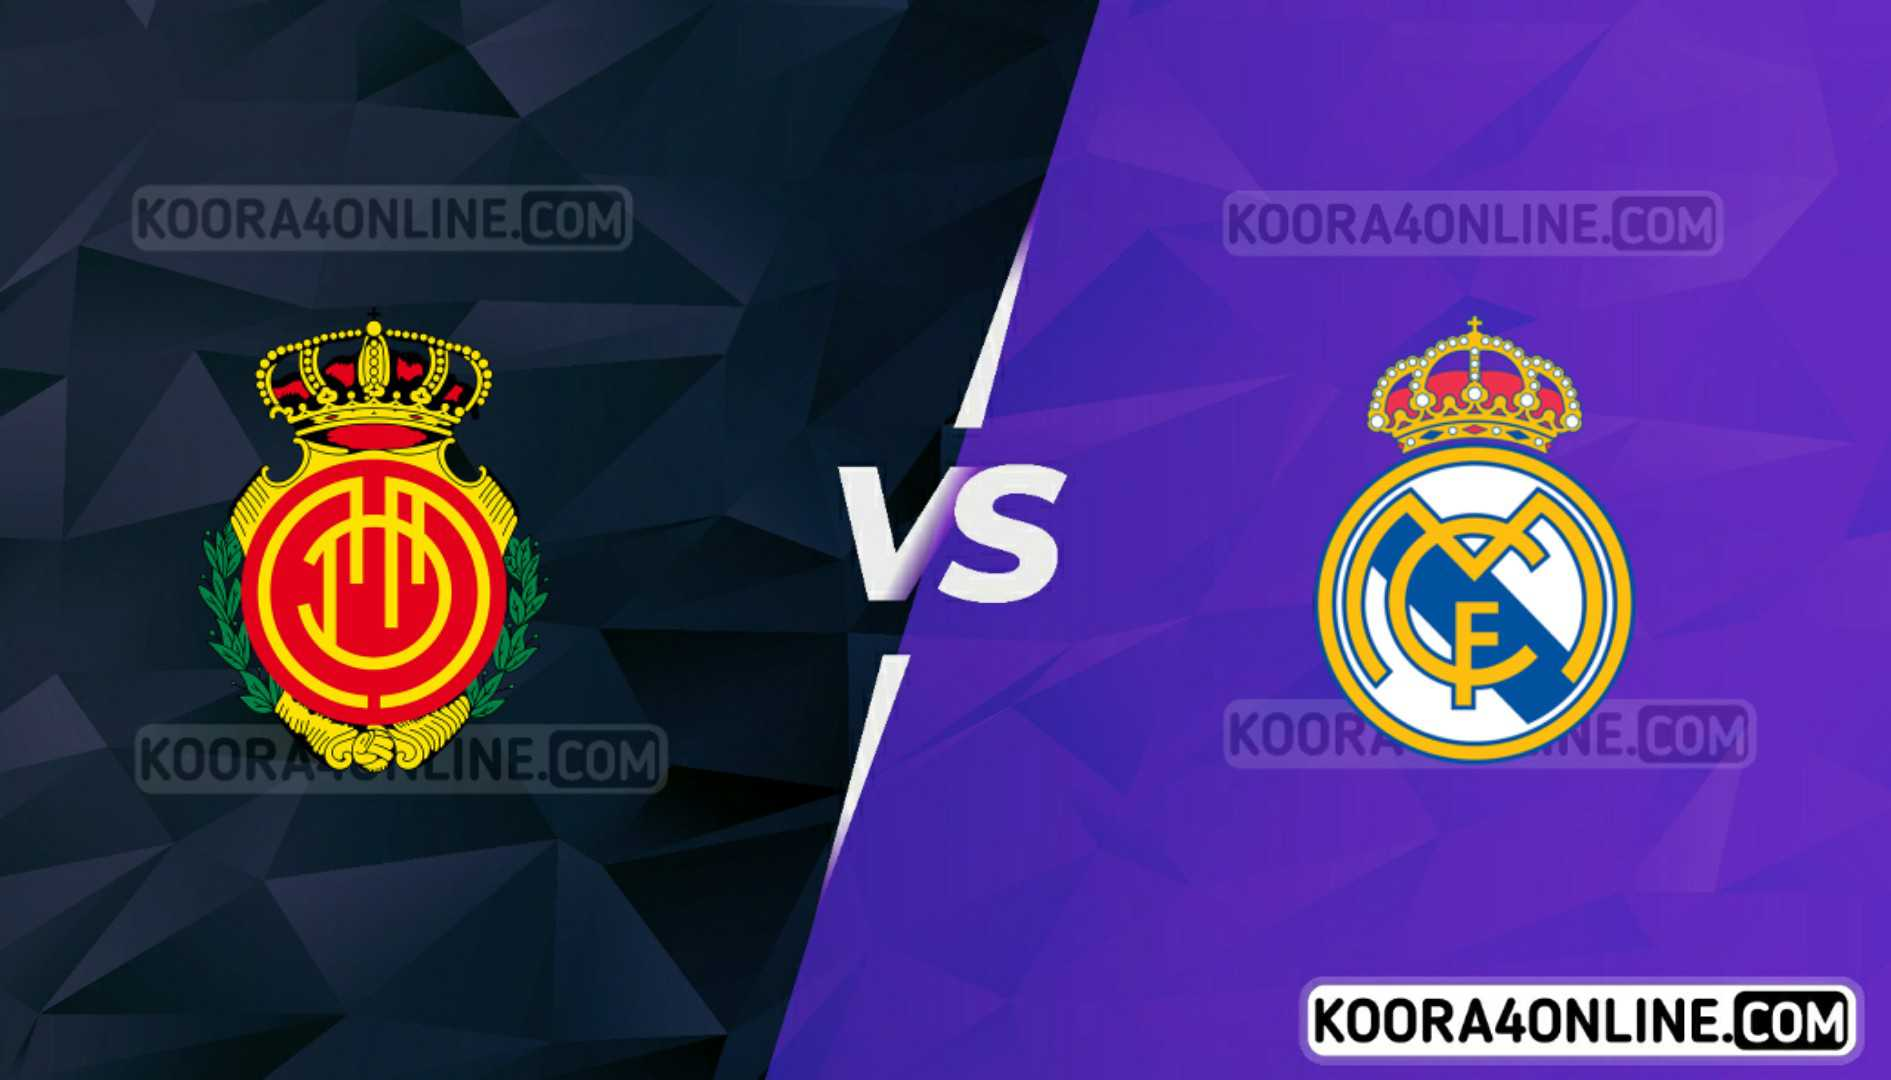 مشاهدة مباراة ريال مدريد وريال مايوركا القادمة كورة اون لاين بث مباشر اليوم 22-09-2021 في الدوري الإيطالي